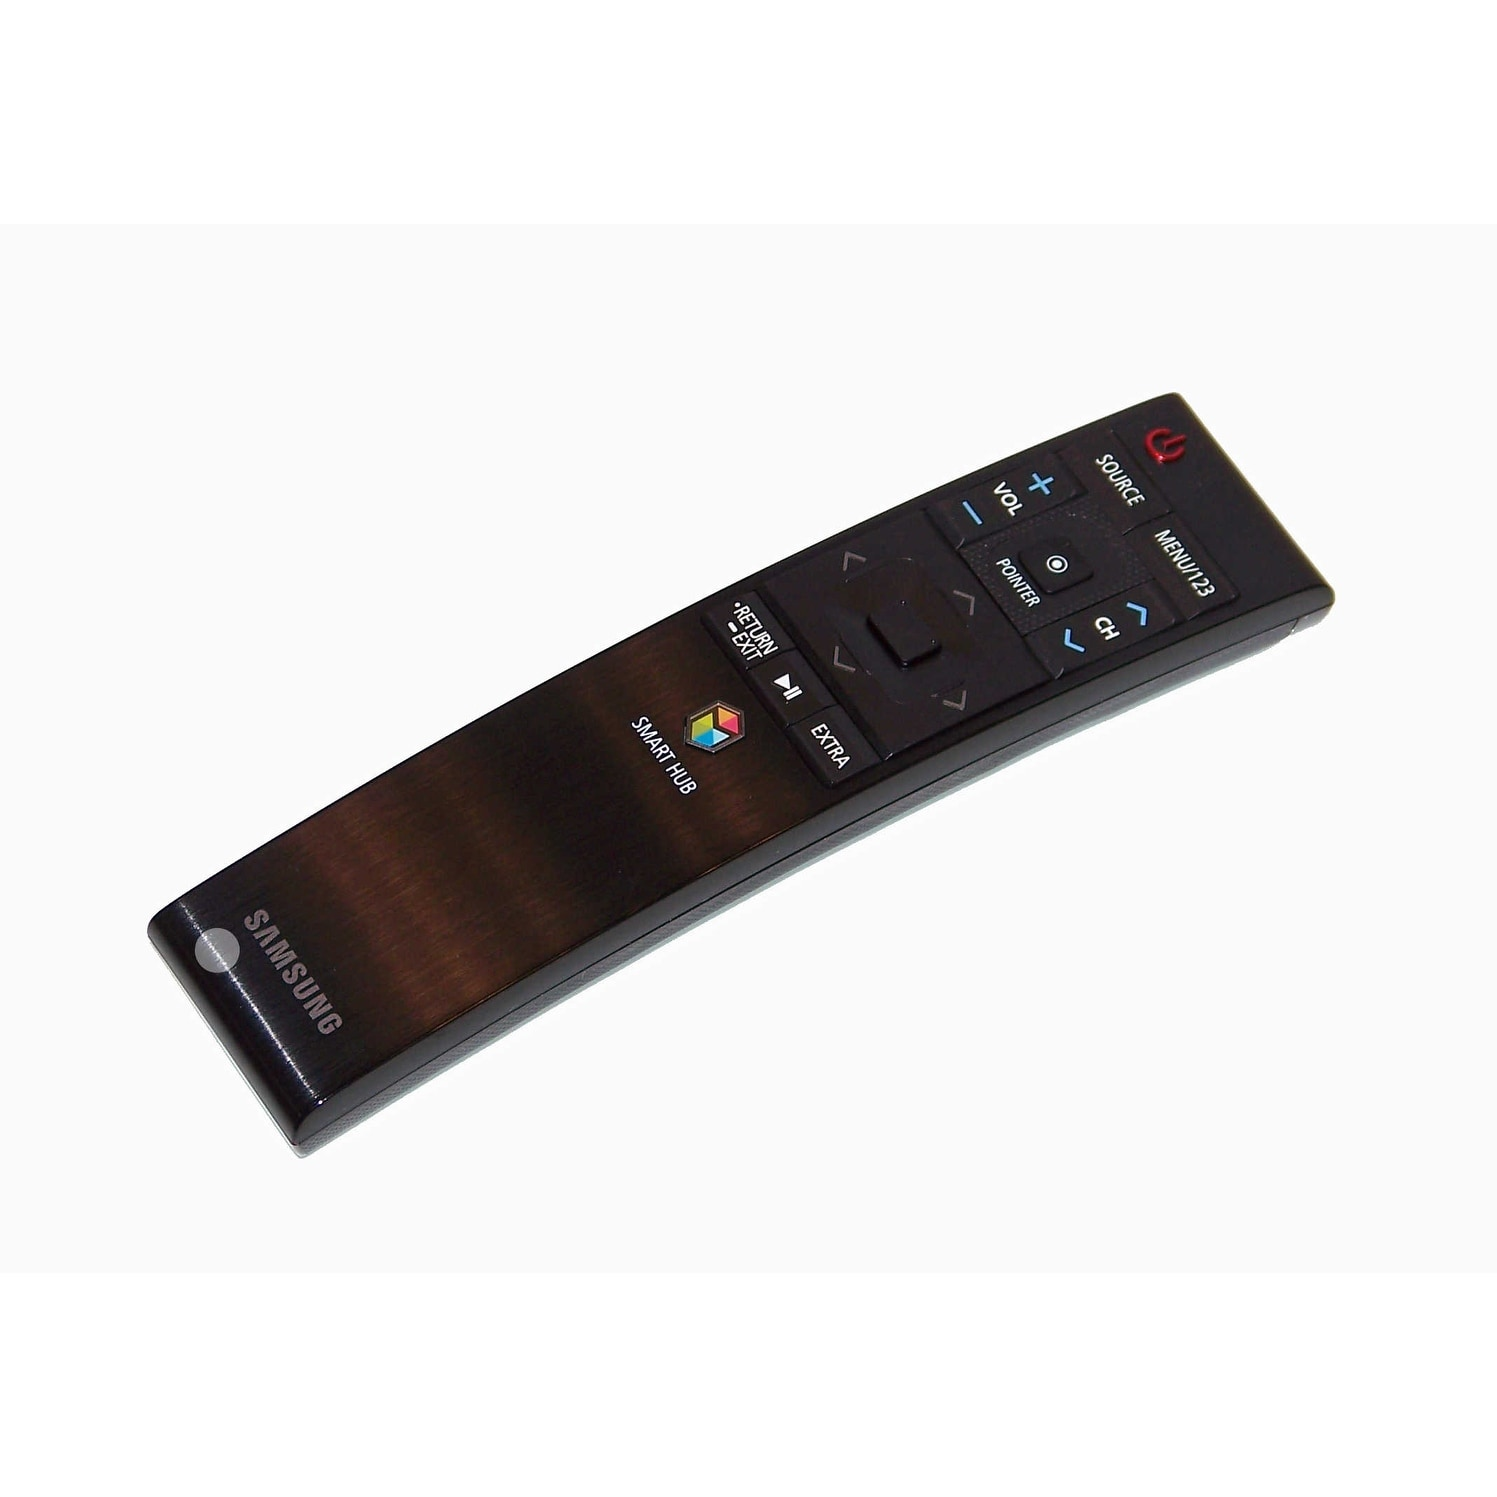 OEM Samsung Remote Control: UN55JS8500, UN55JS8500F, UN55JS8500FXZA,  UN55JS9000, UN55JS9000F, UN55JS9000FXZA